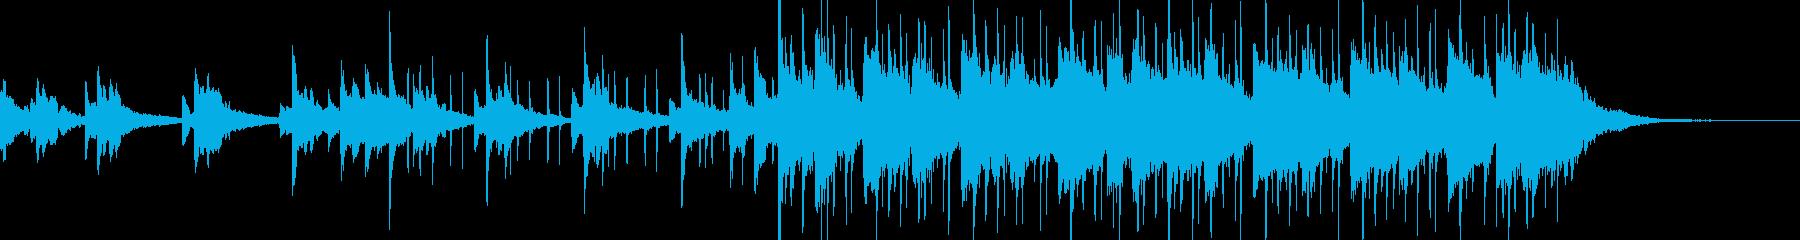 爽やかなバラードの曲の再生済みの波形